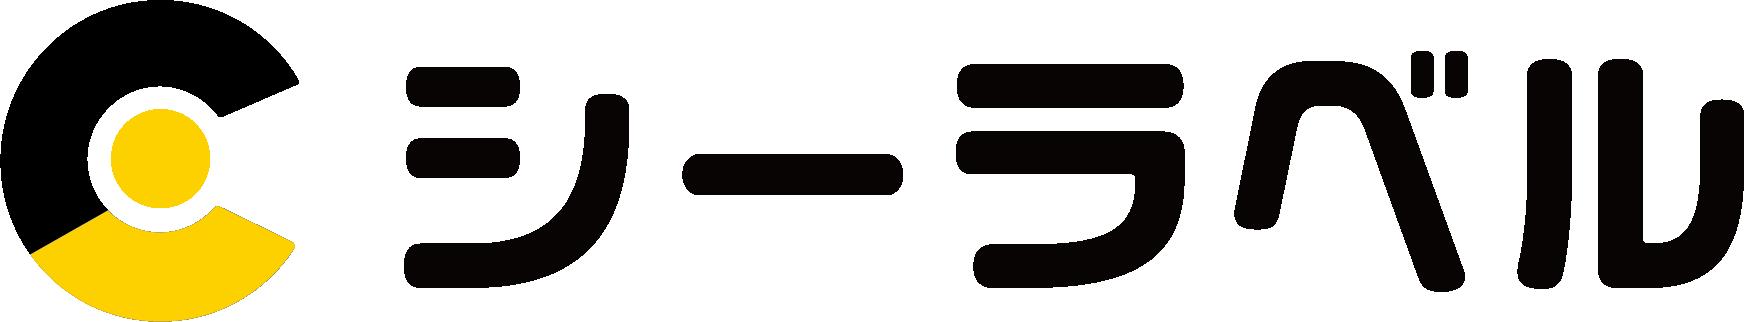 株式会社シーラベル コーポレートサイト